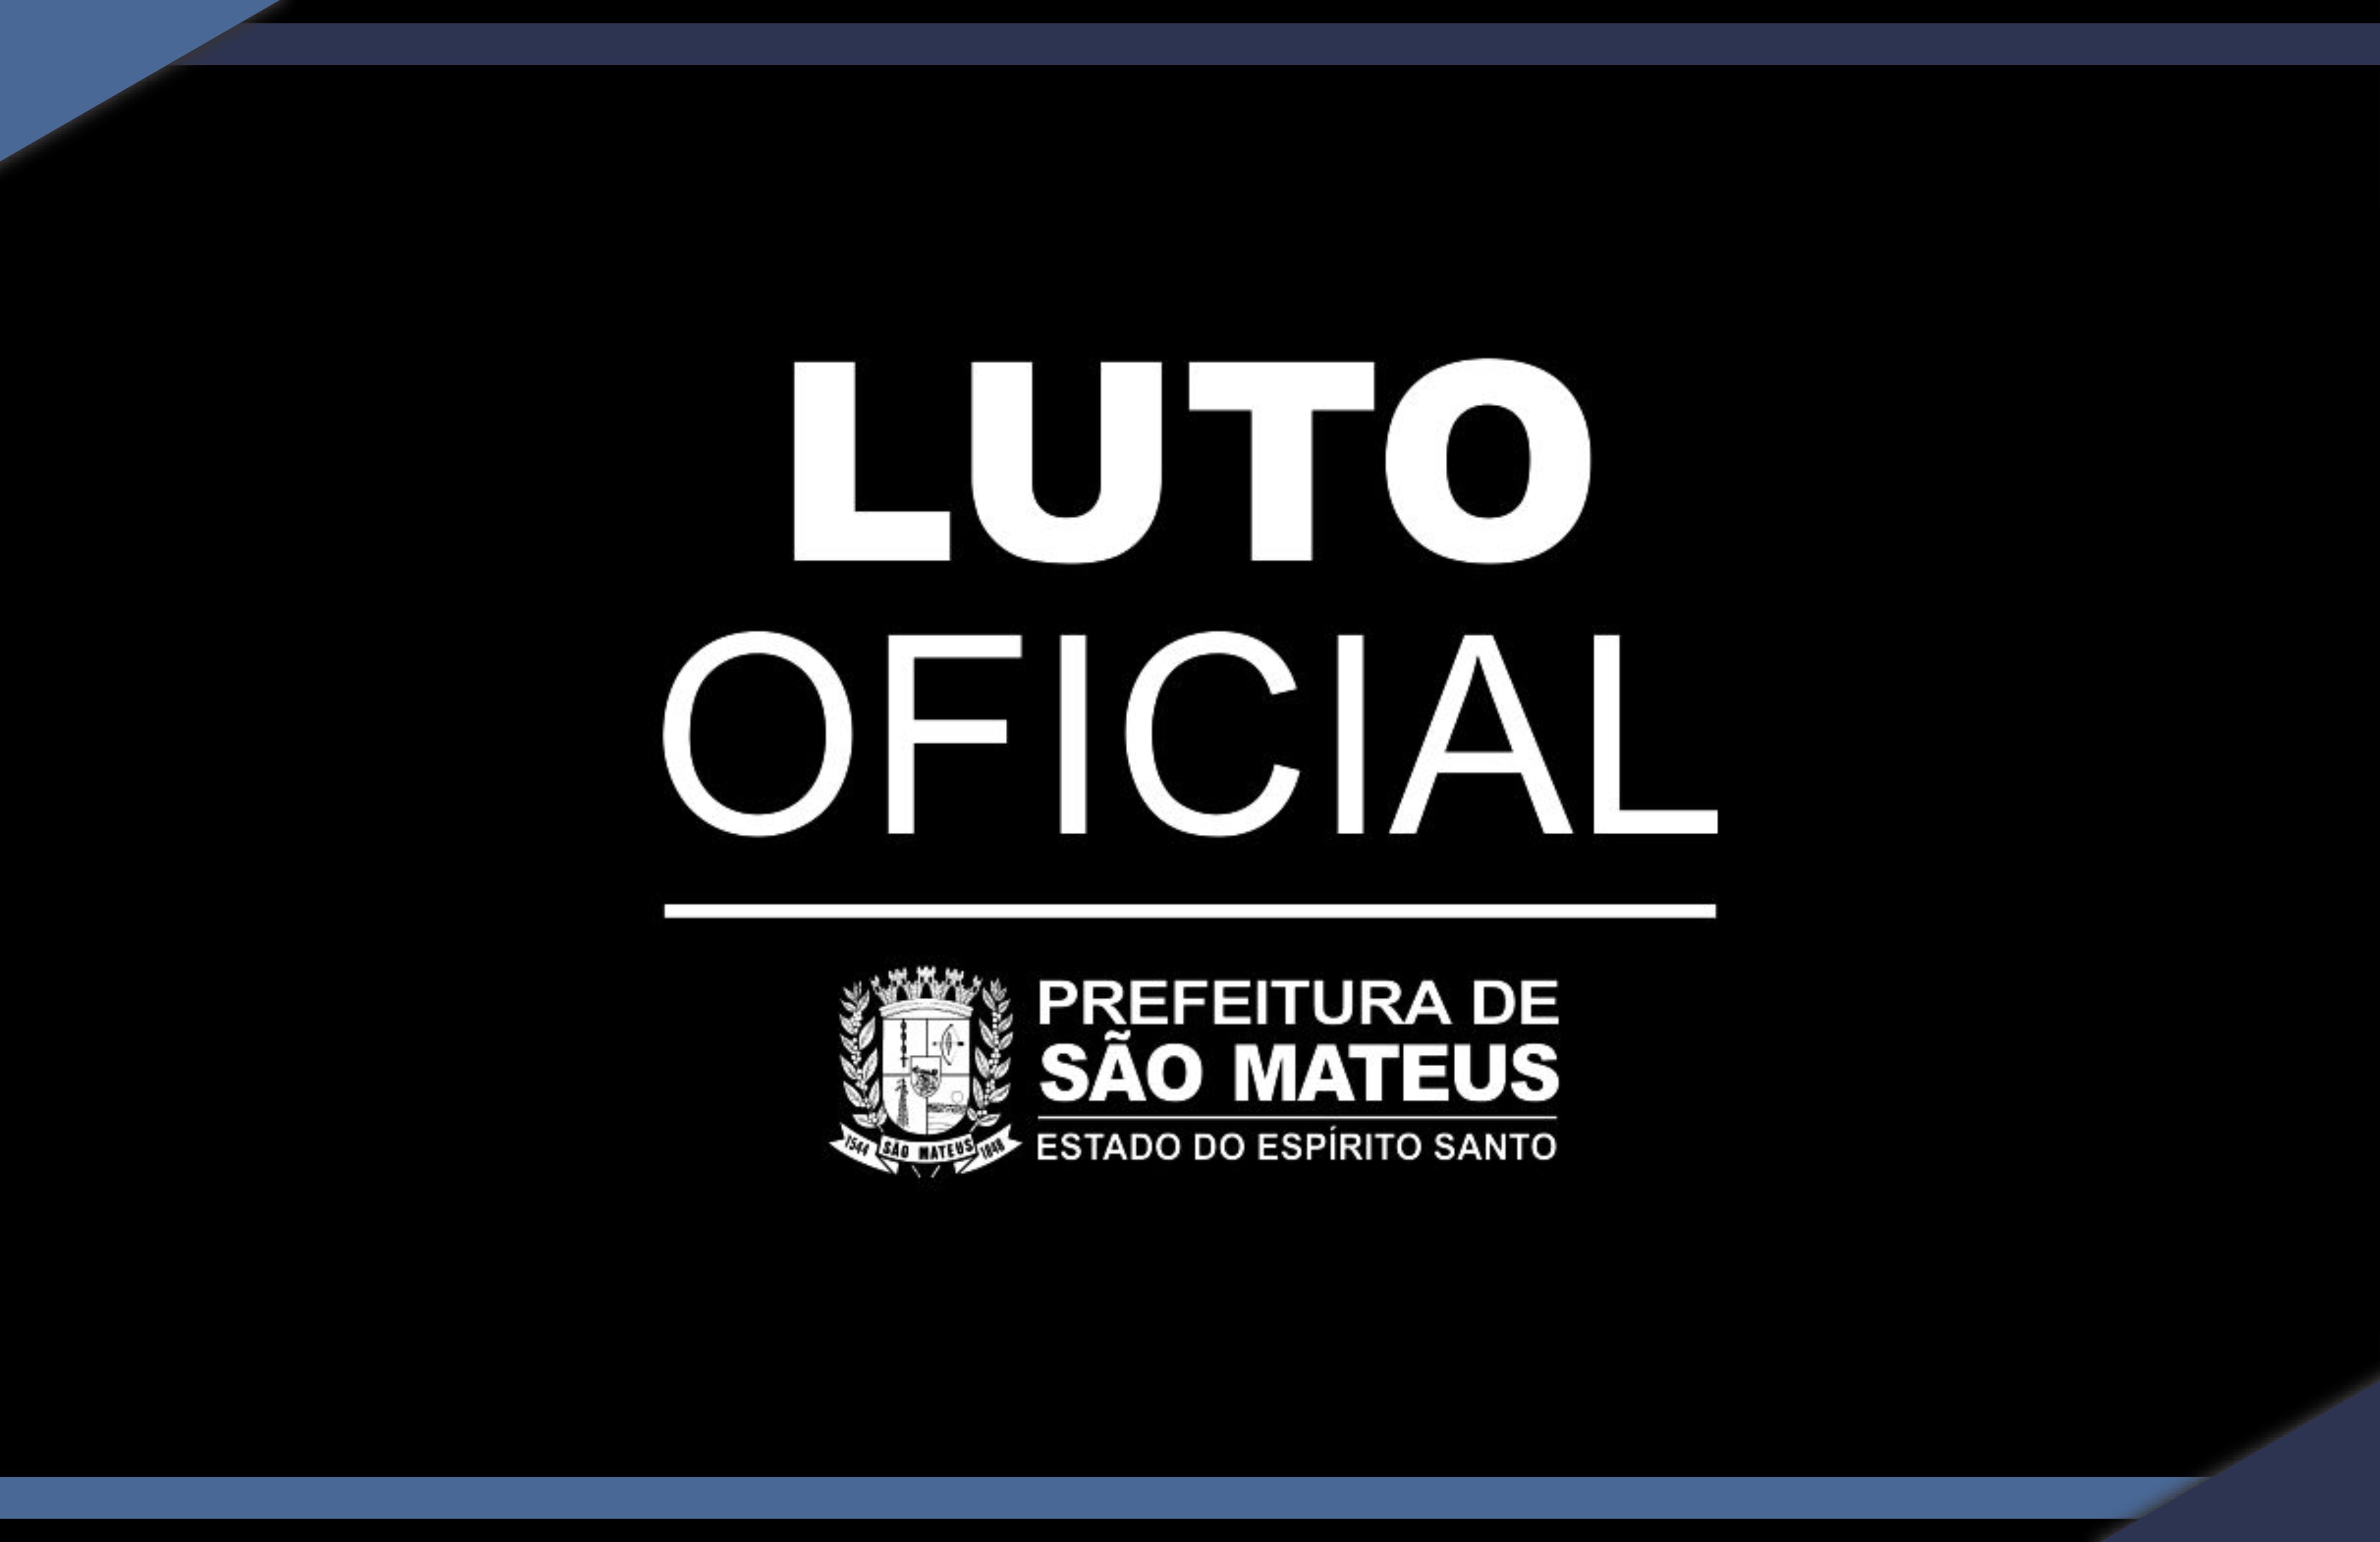 Prefeitura de São Mateus decreta luto oficial por morte de ex-governador Gerson Camata